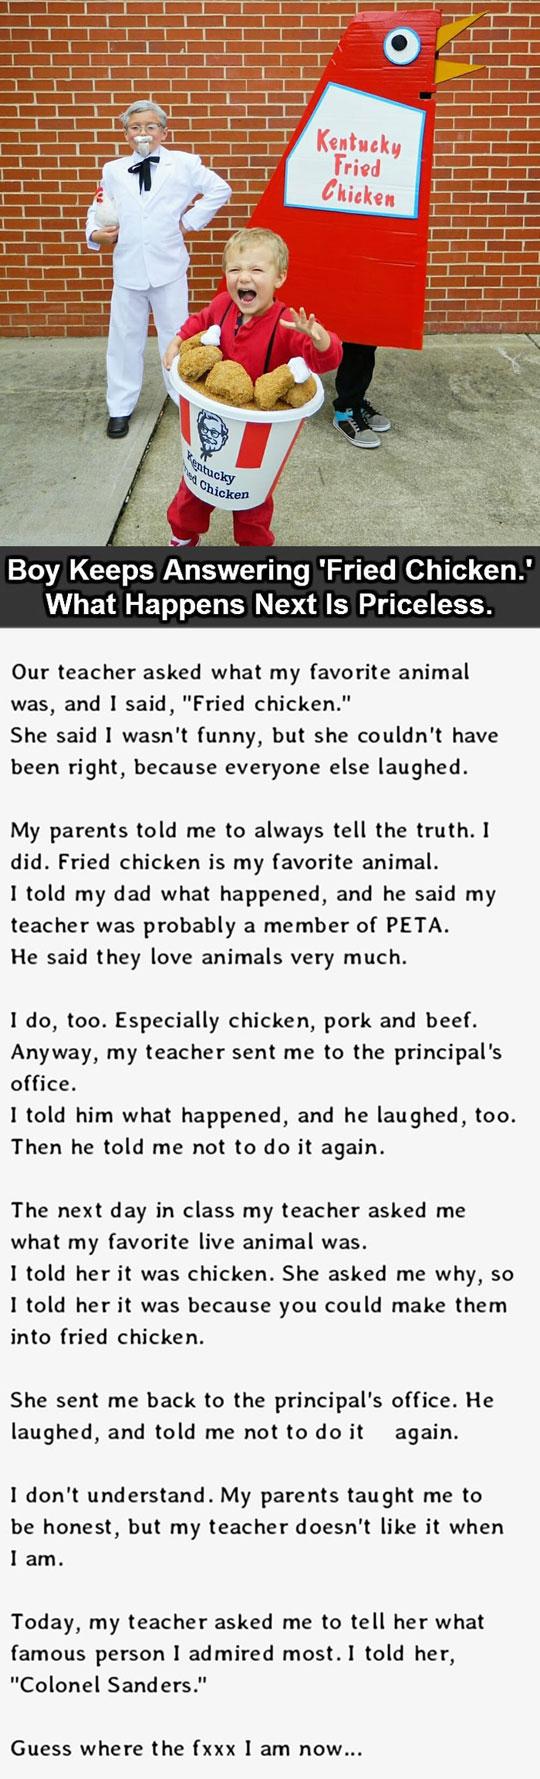 funny-kids-costume-KFC-story-school